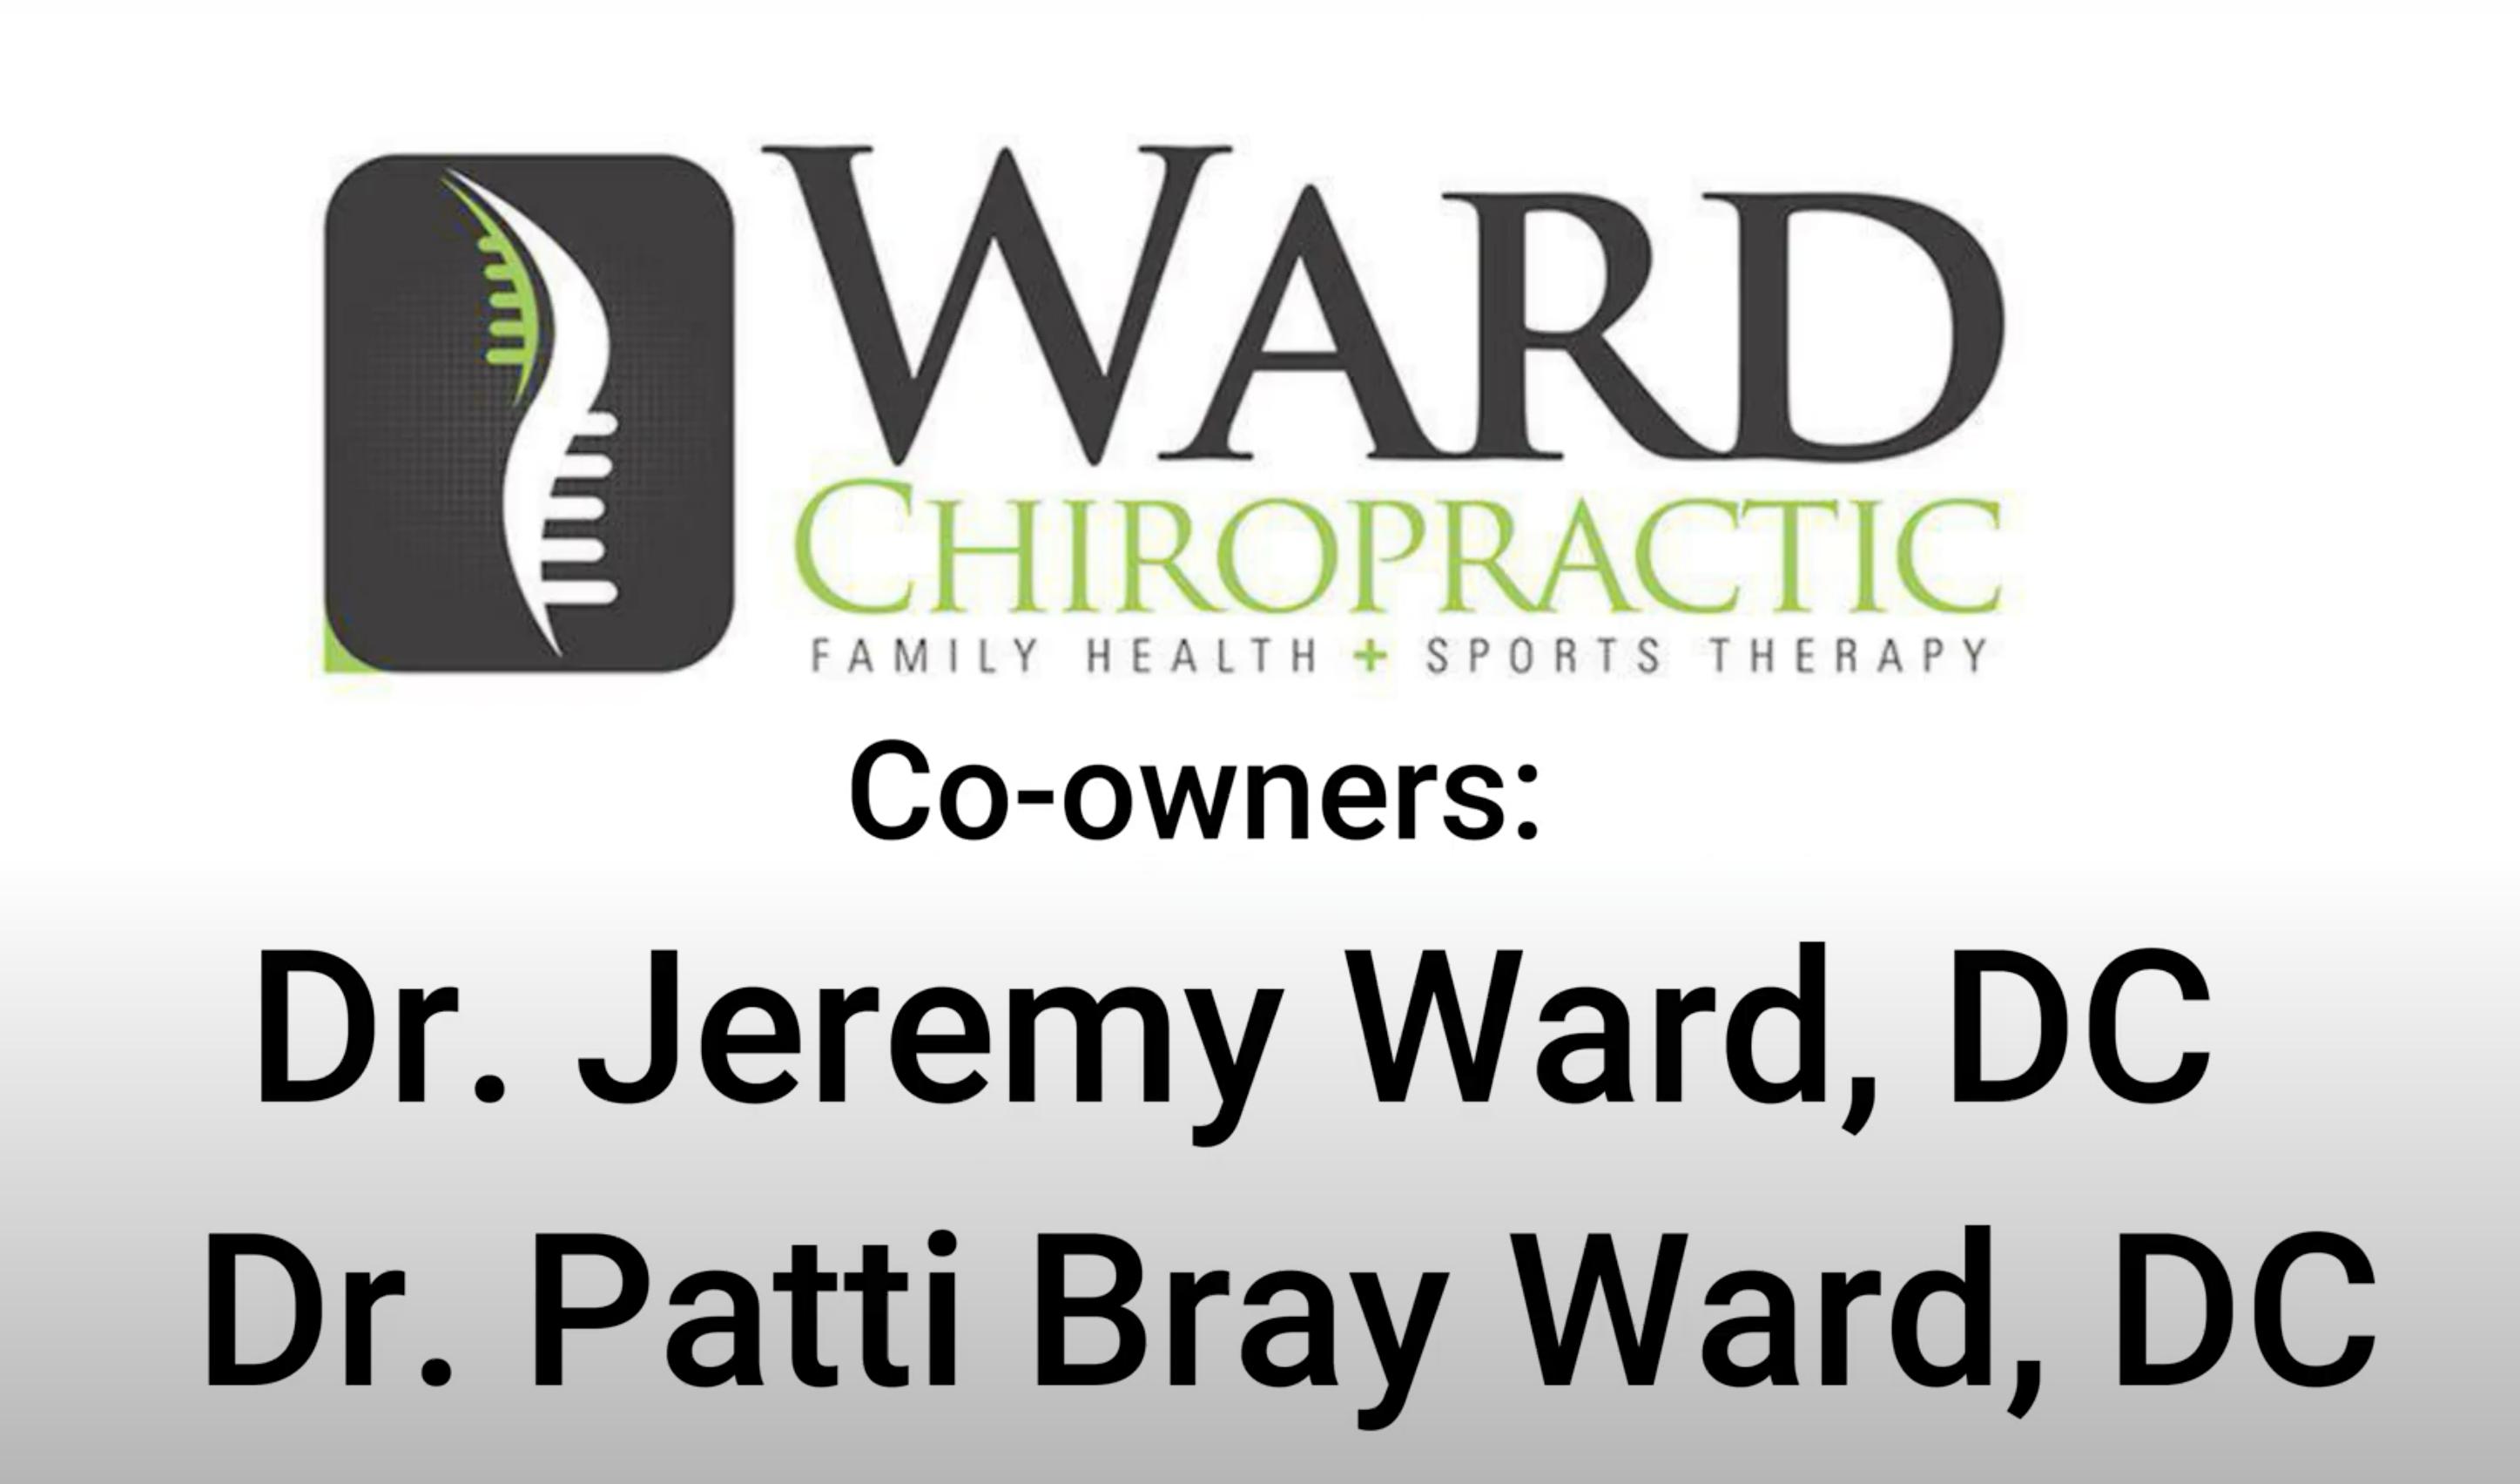 Meet your neighbor – Ward Chiropractic